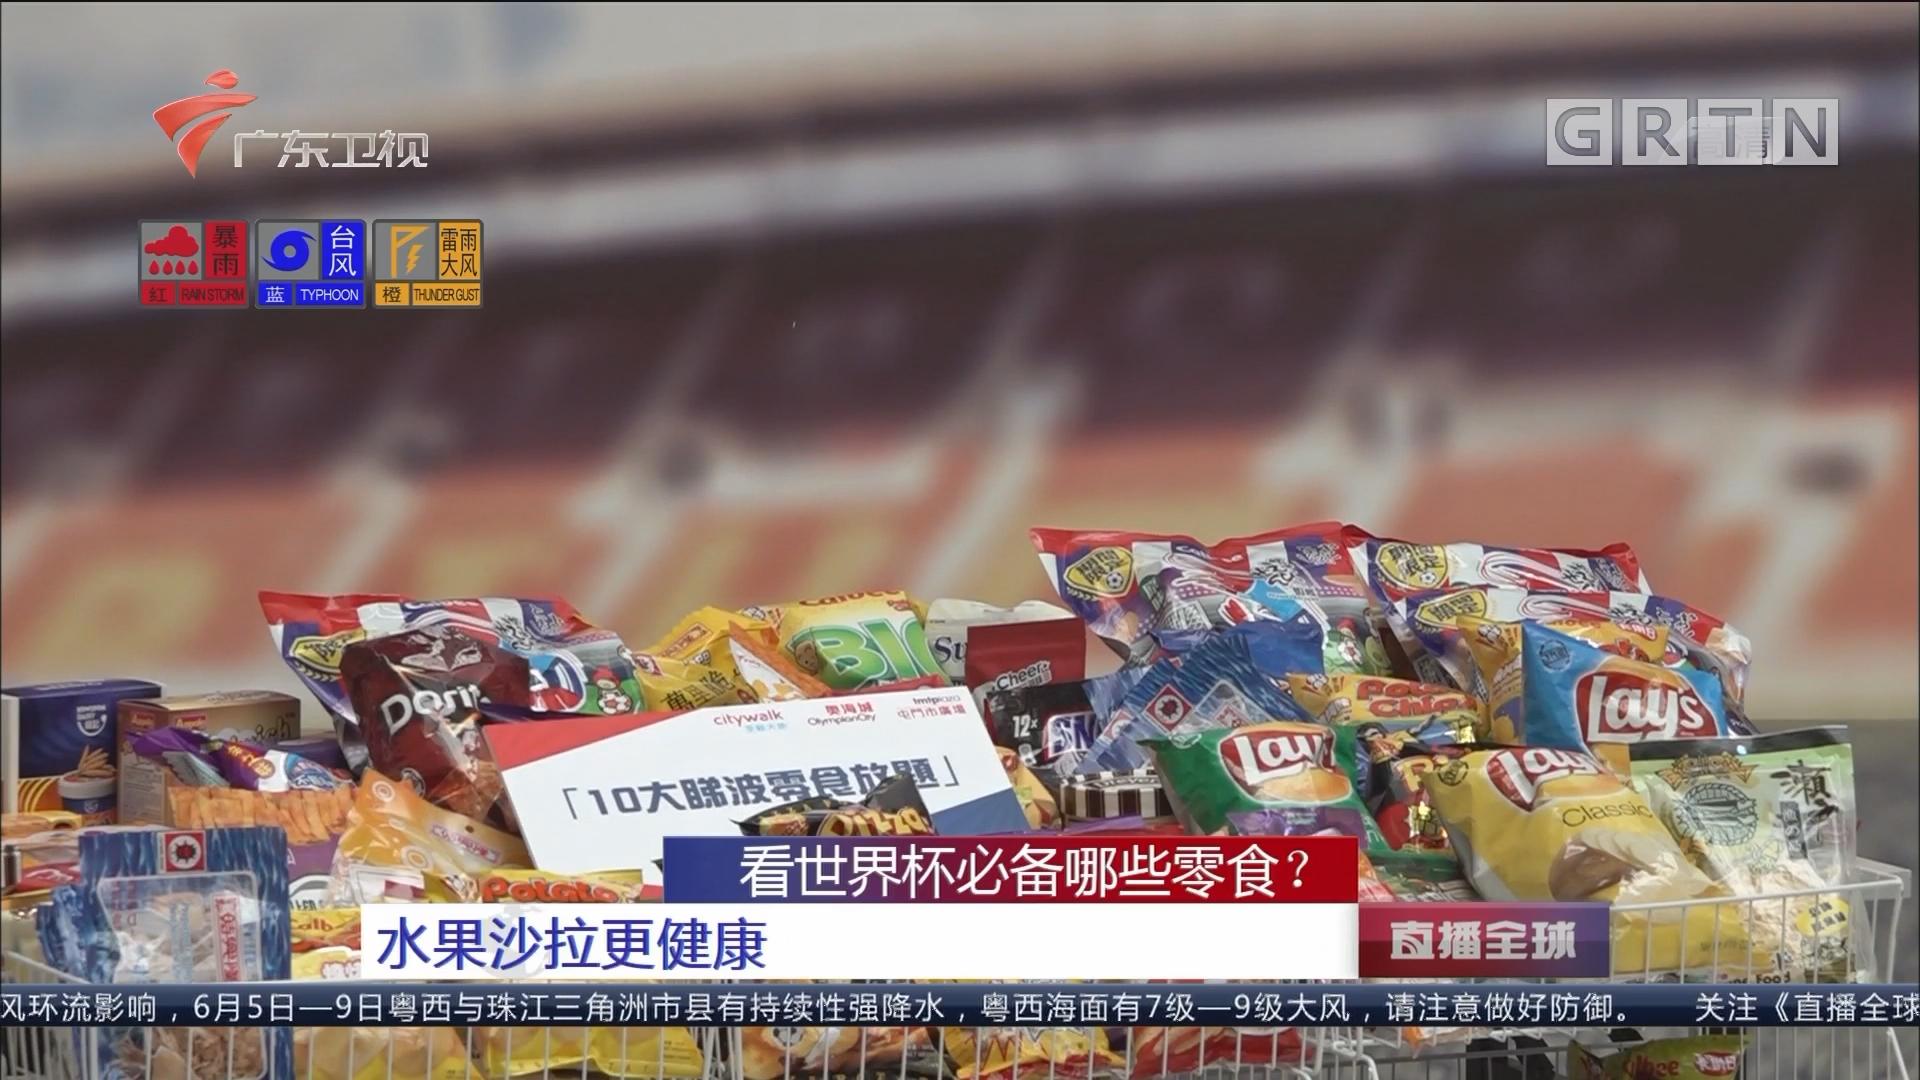 看世界杯必备哪些零食? 水果沙拉更健康